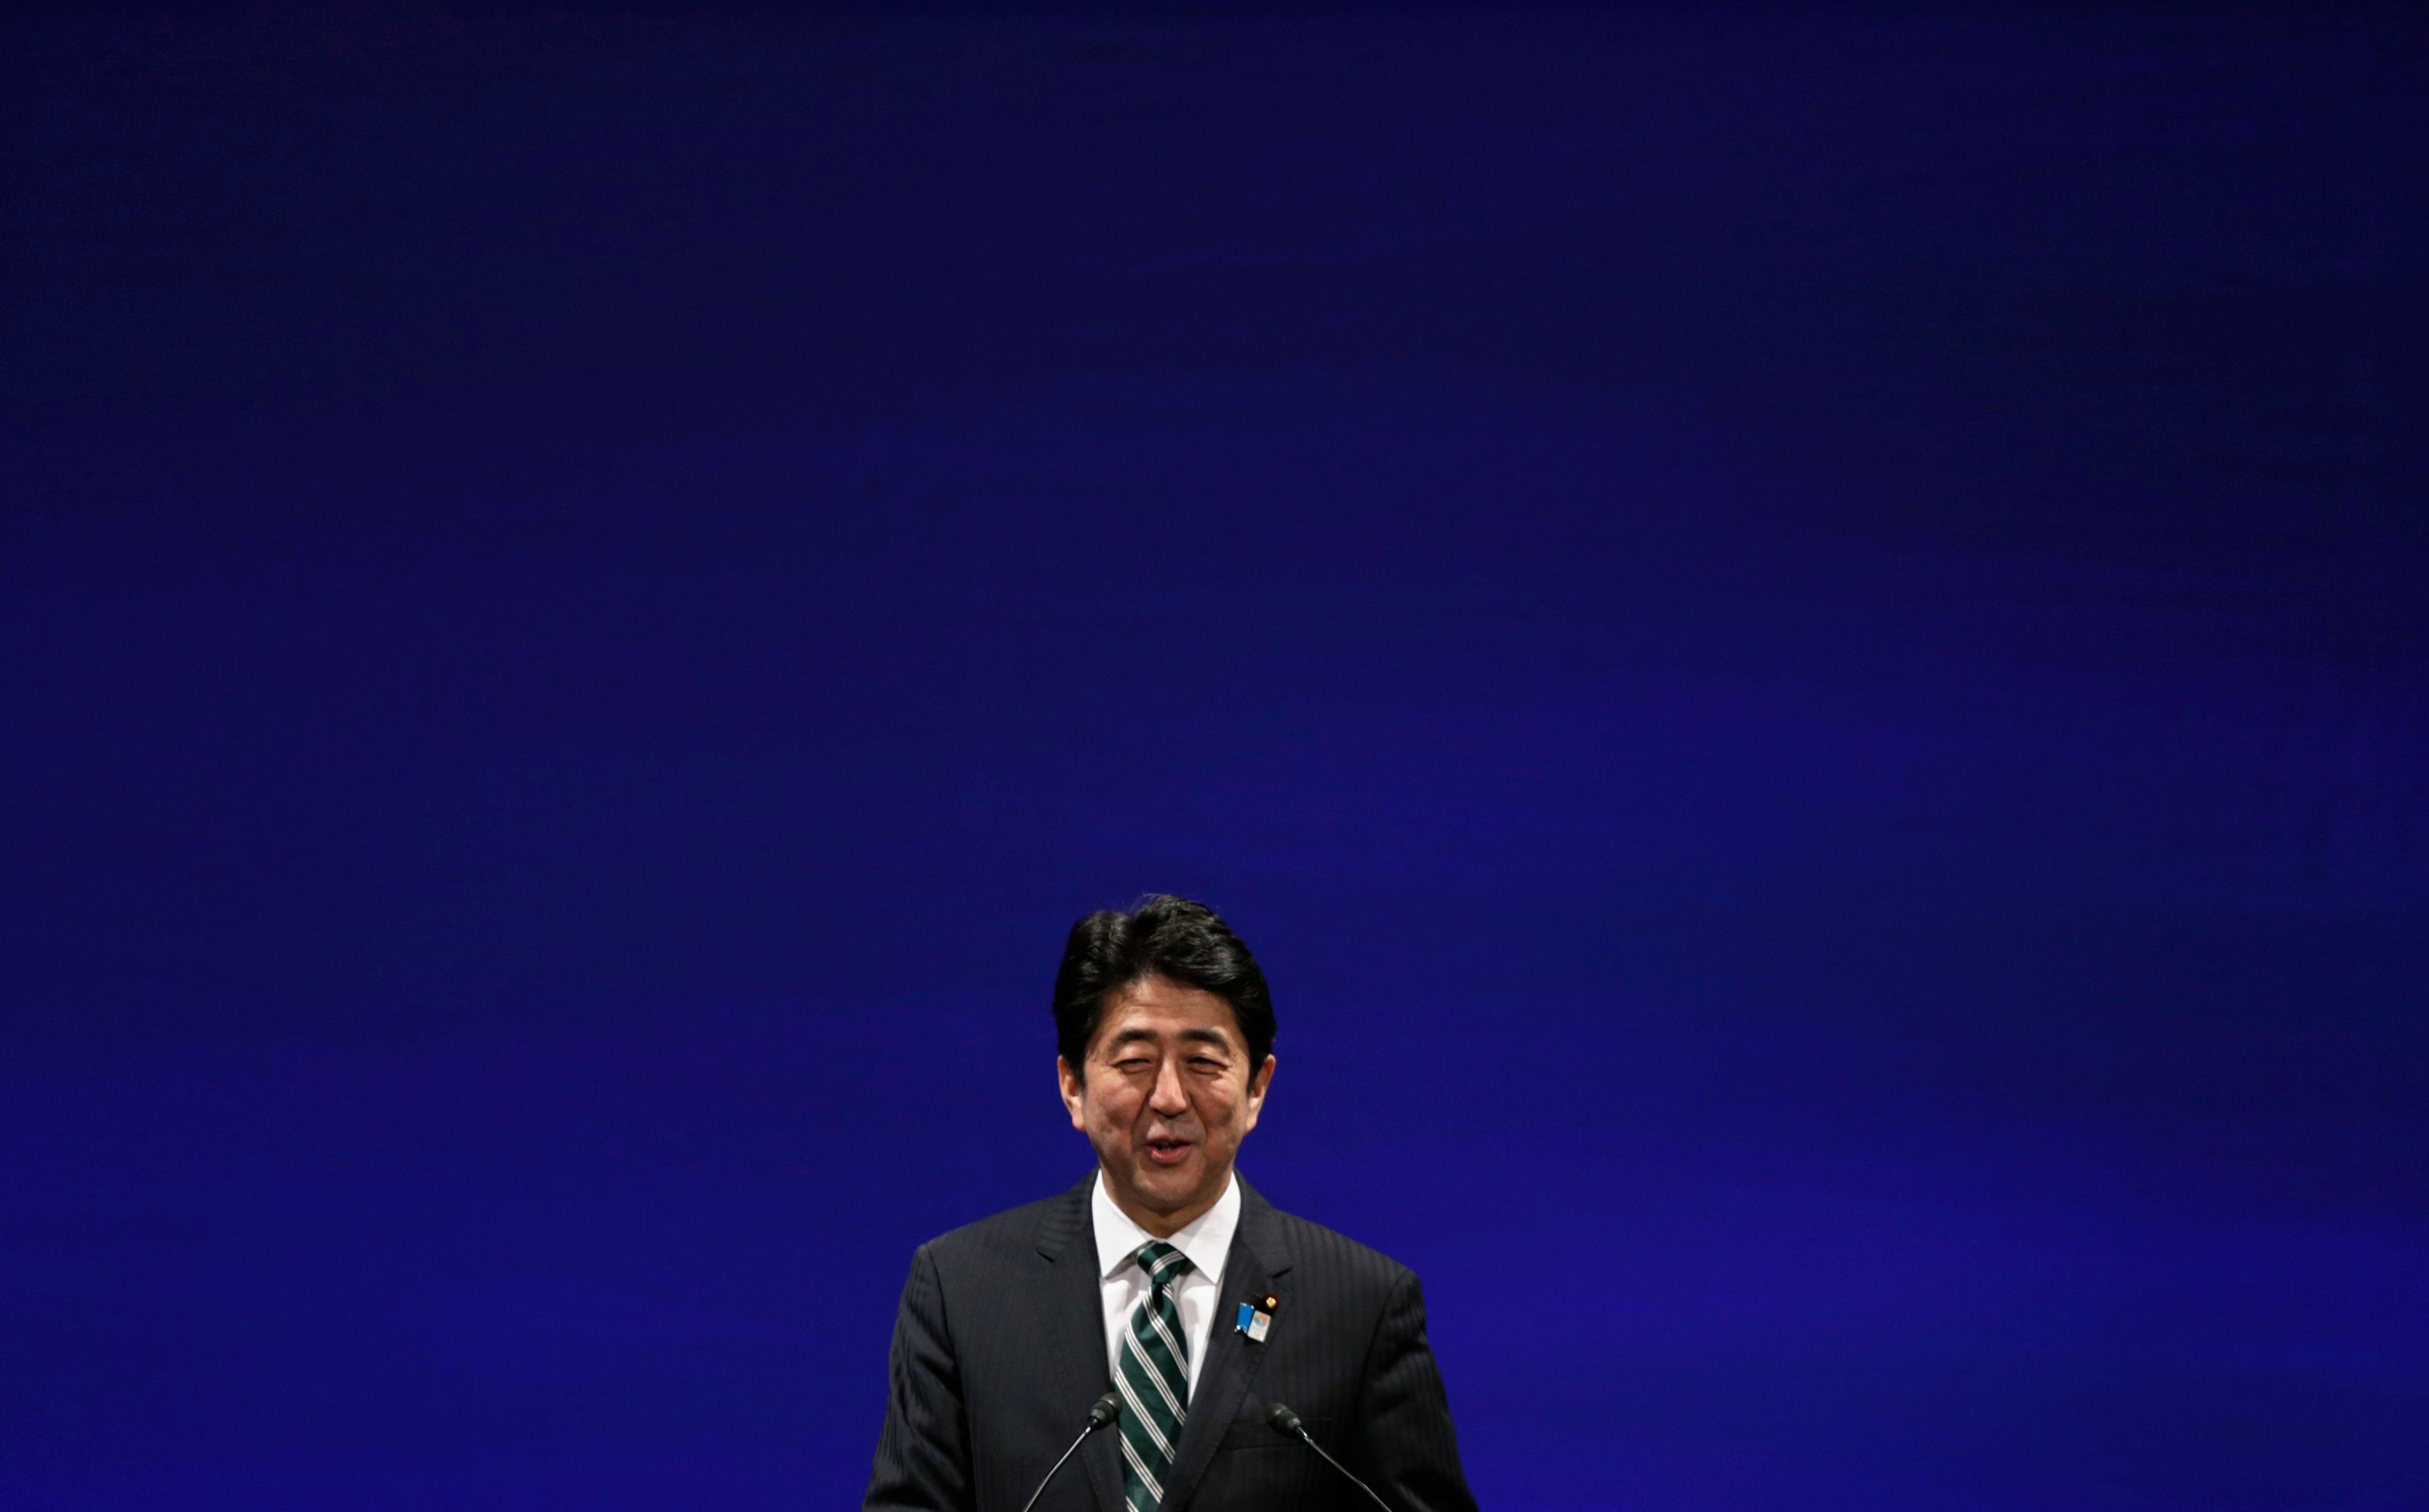 Les effets positifs de la politique du Premier ministre japonais Shinzo Abe se font sentir sur l'économie du pays.